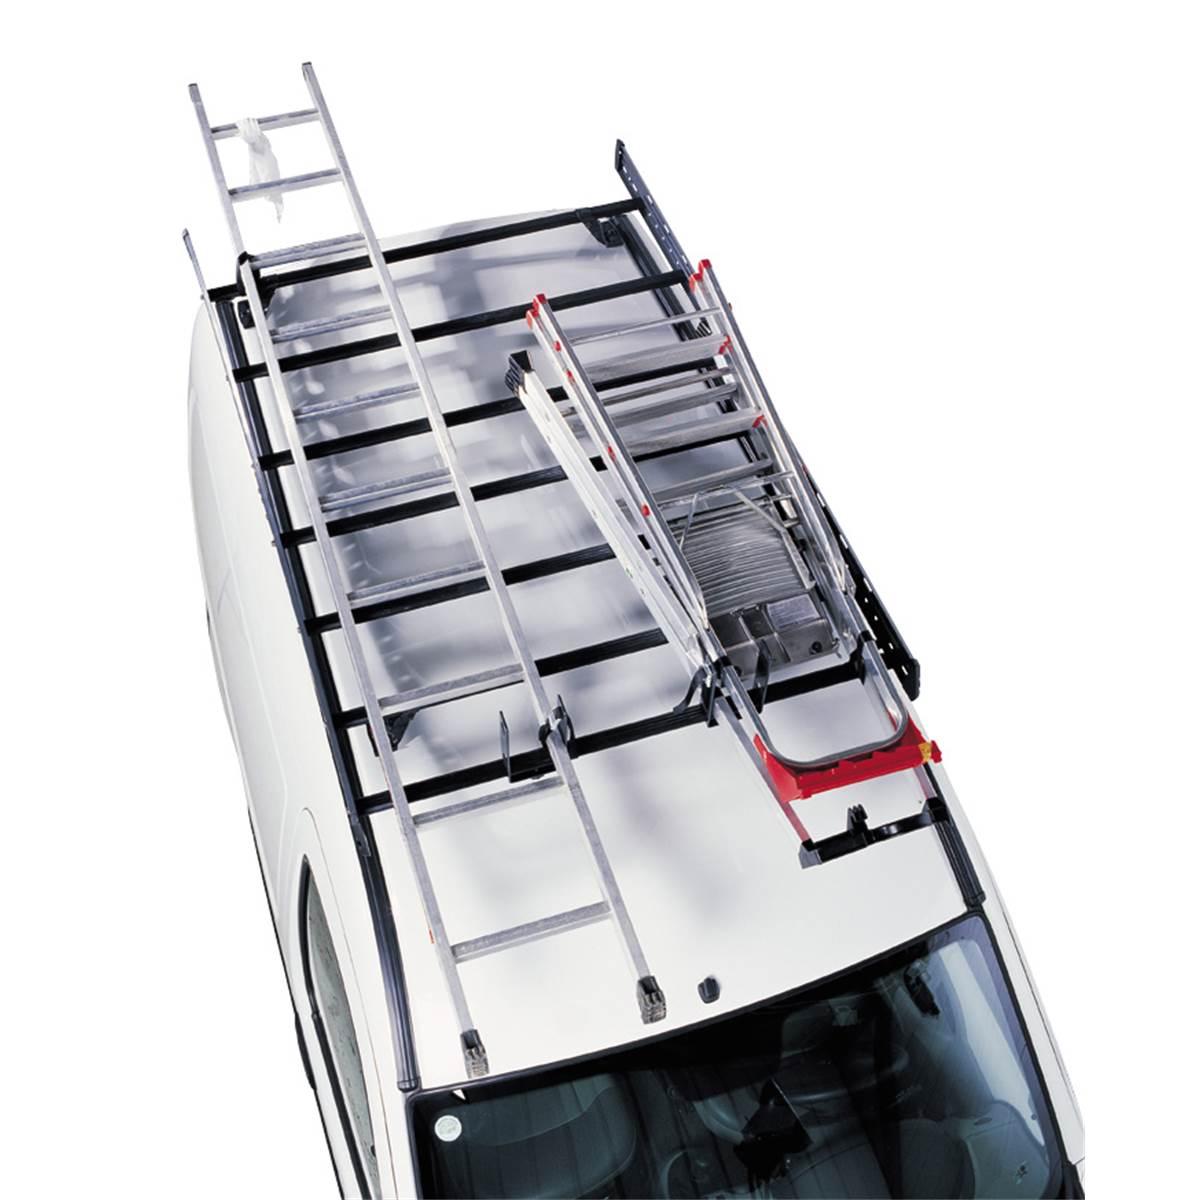 Galerie pour véhicule utilitaire PRO DECK MONT BLANC 509